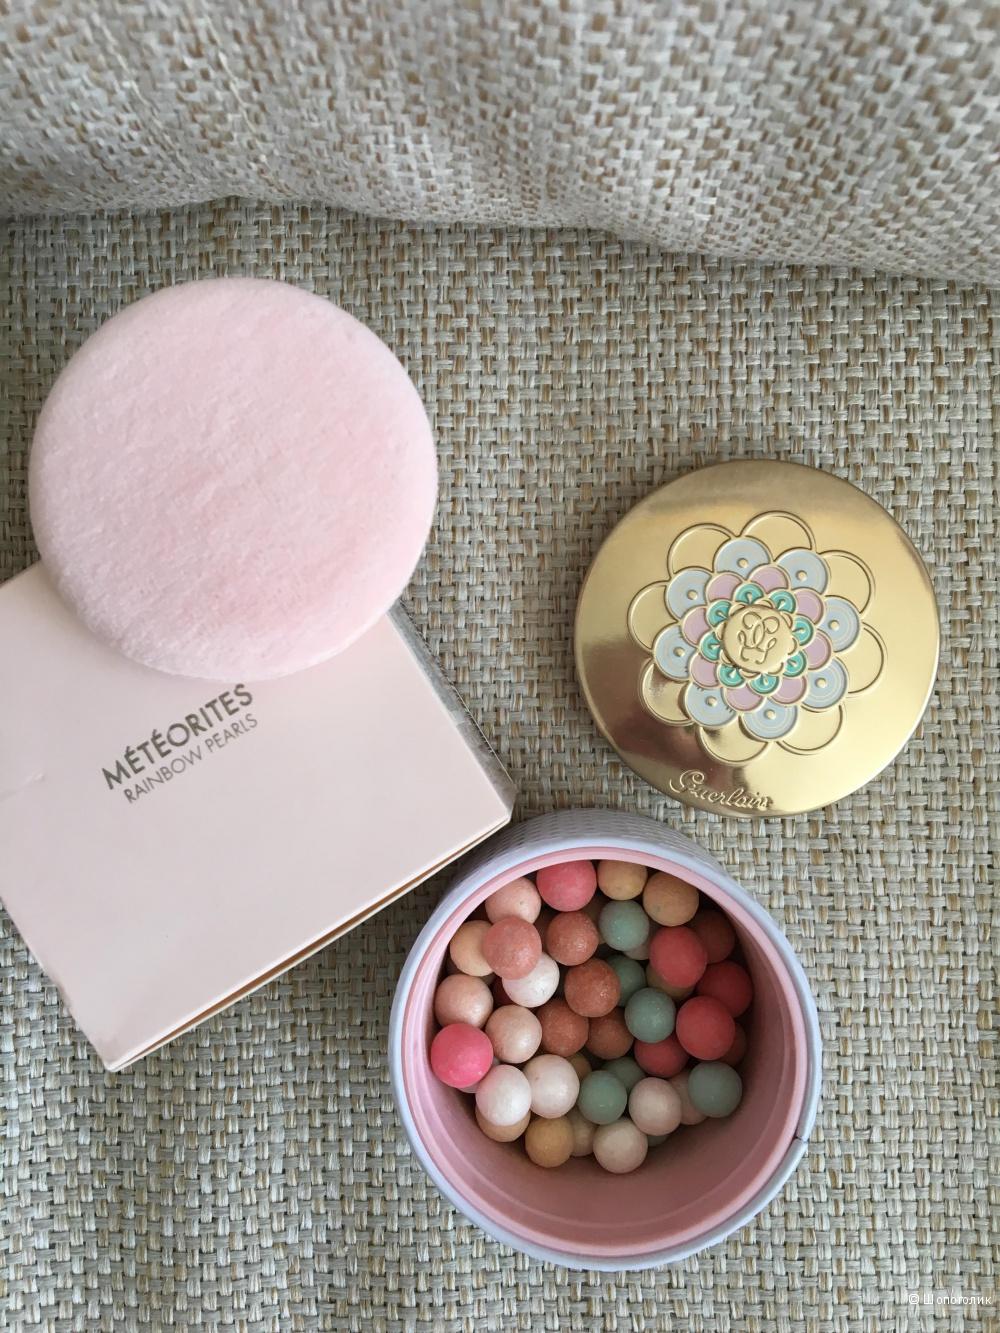 Пудра в шариках Guerlain Meterites rainbow pearls